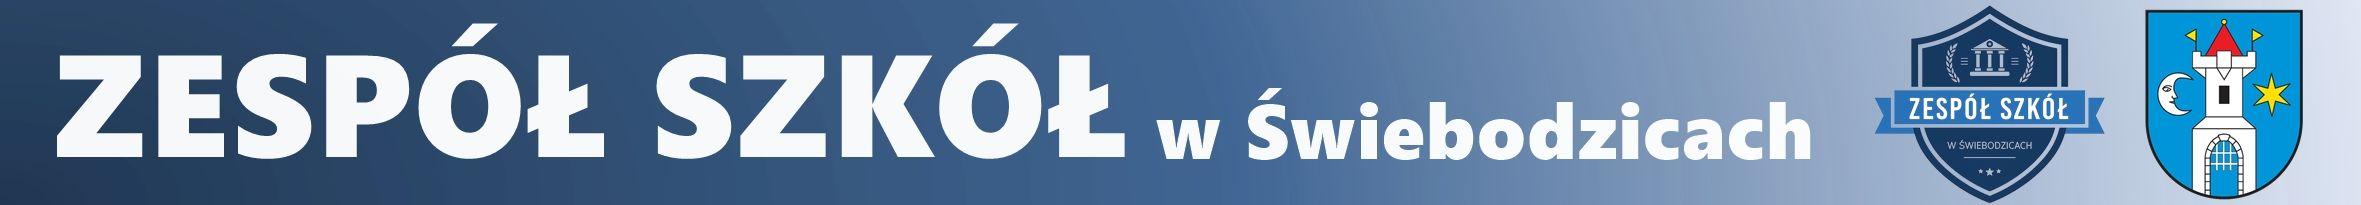 Baner z napisem Zespół Szkół w Świebodzicach z logo